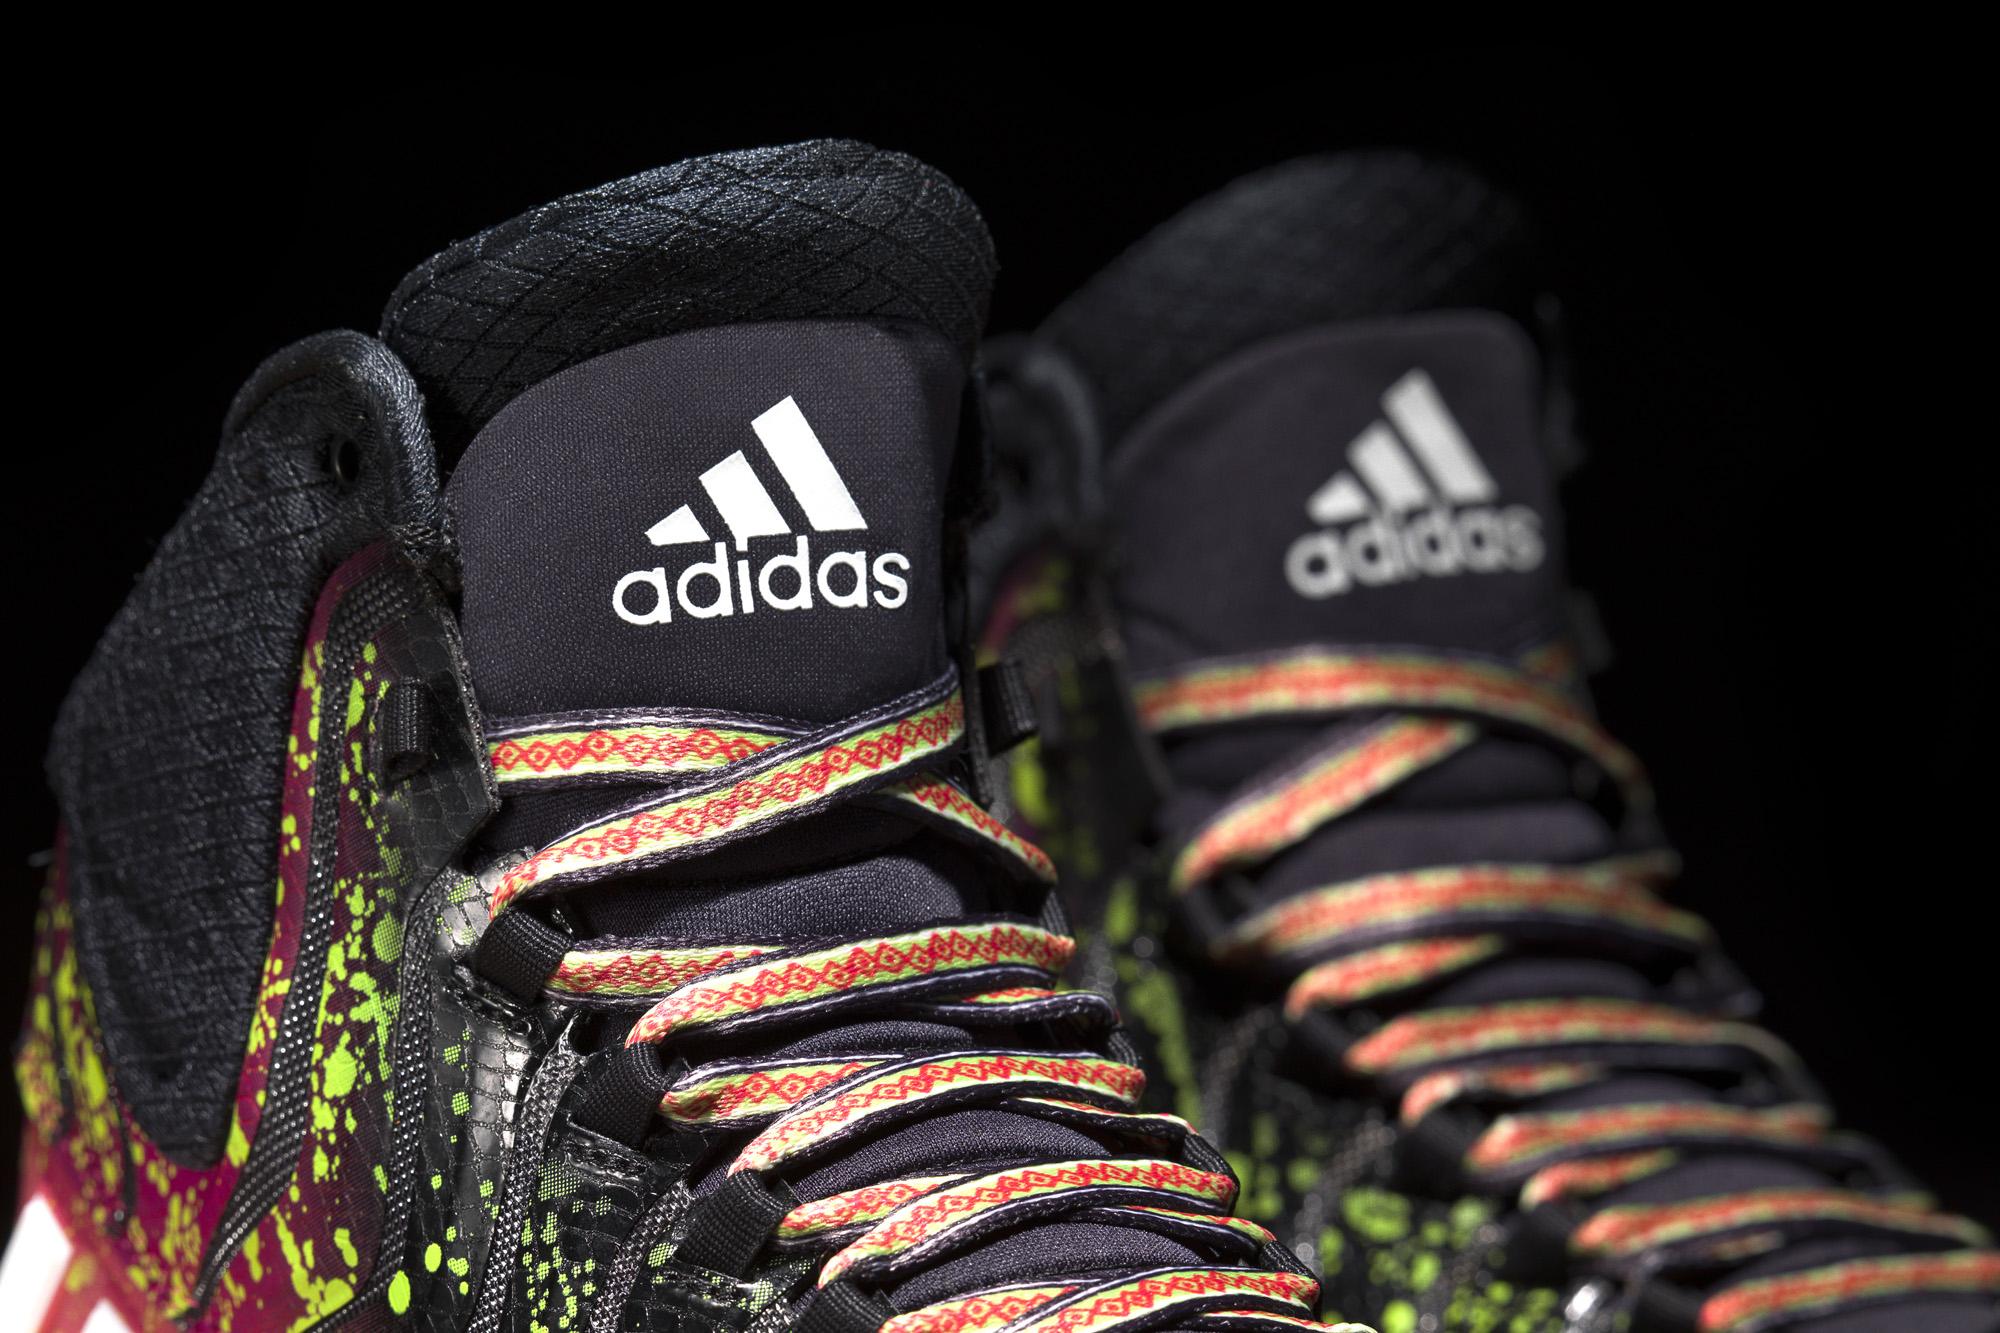 adidas-basketball-2014-nba-all-star-collection-7